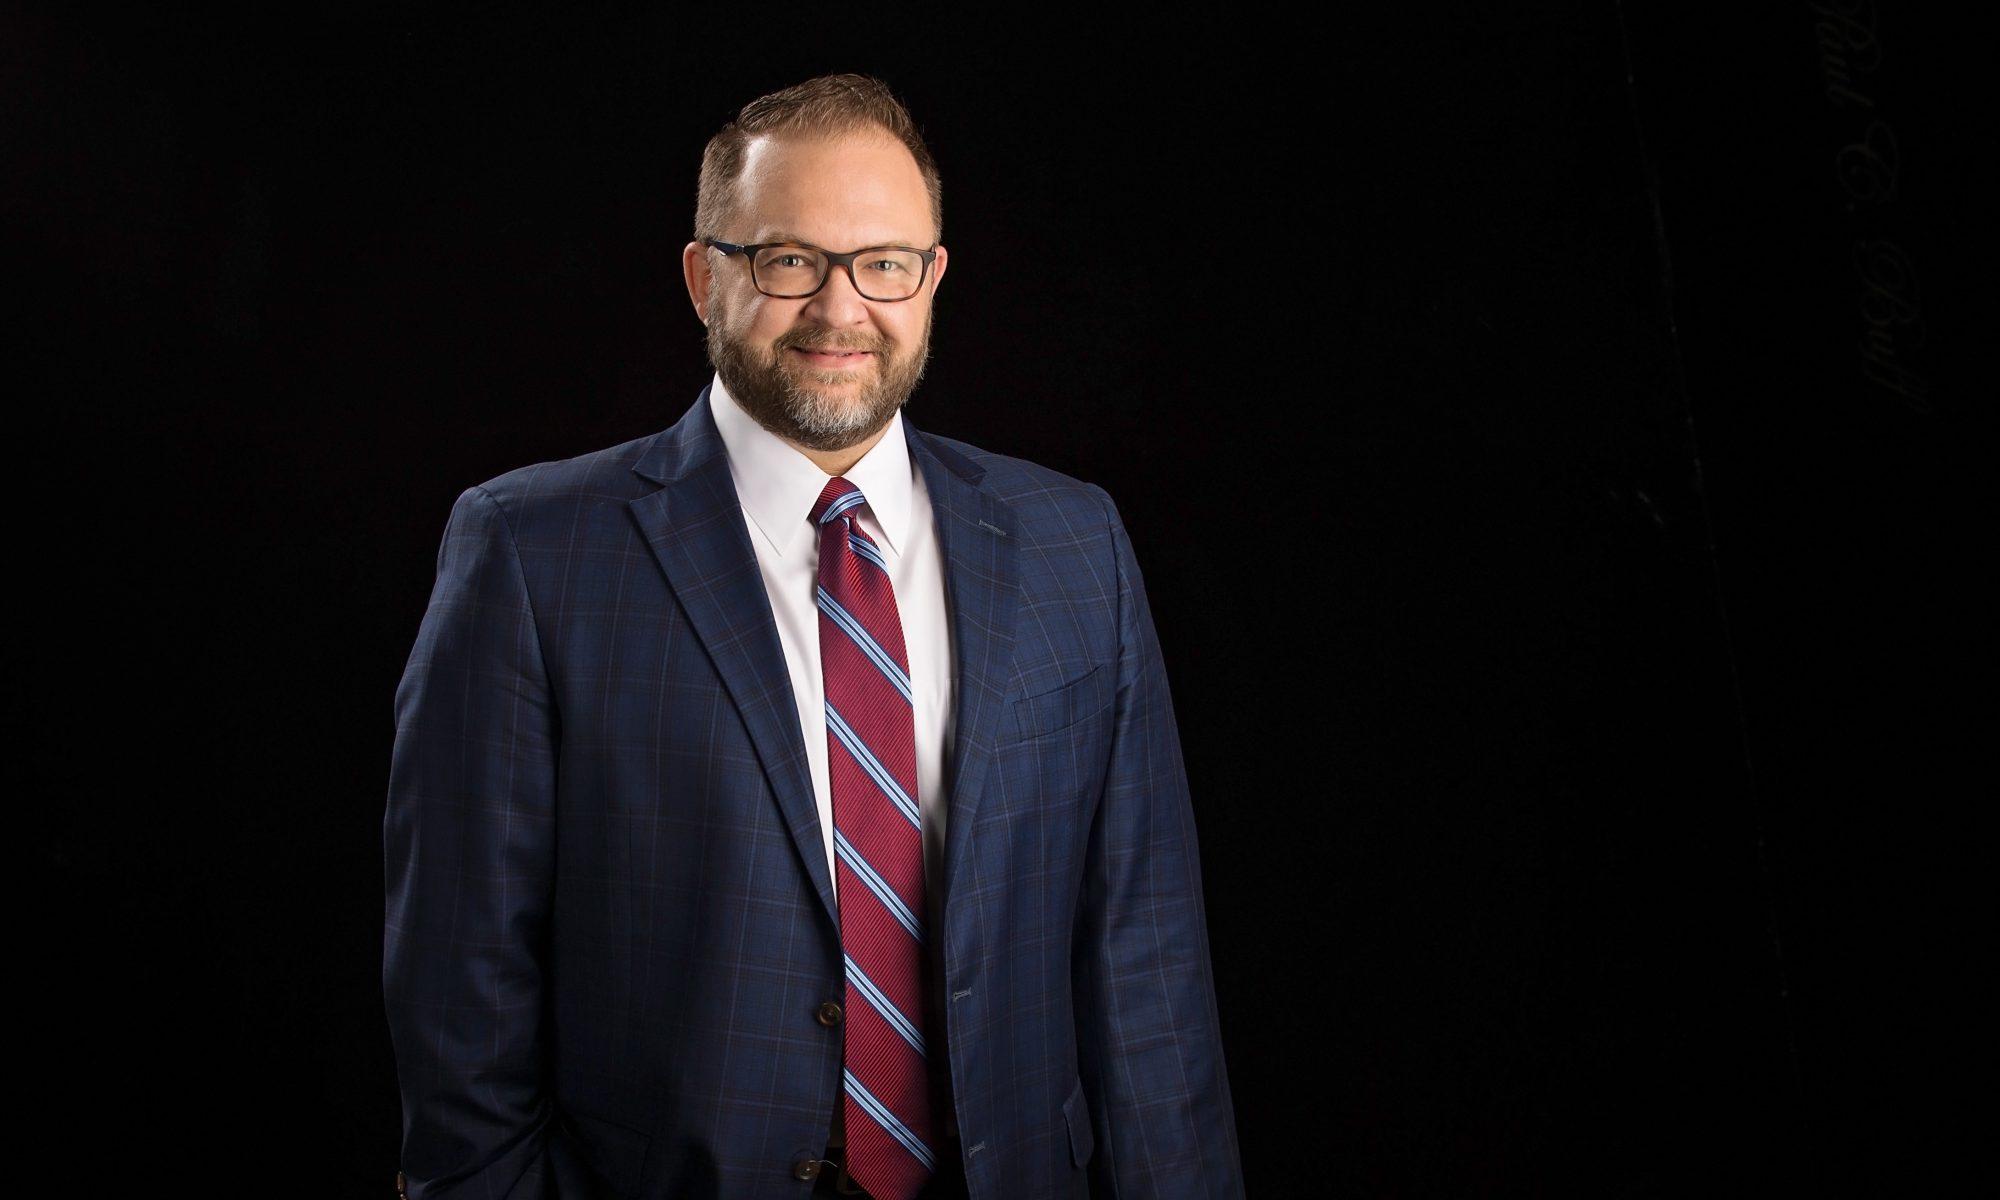 Brian L. Powell